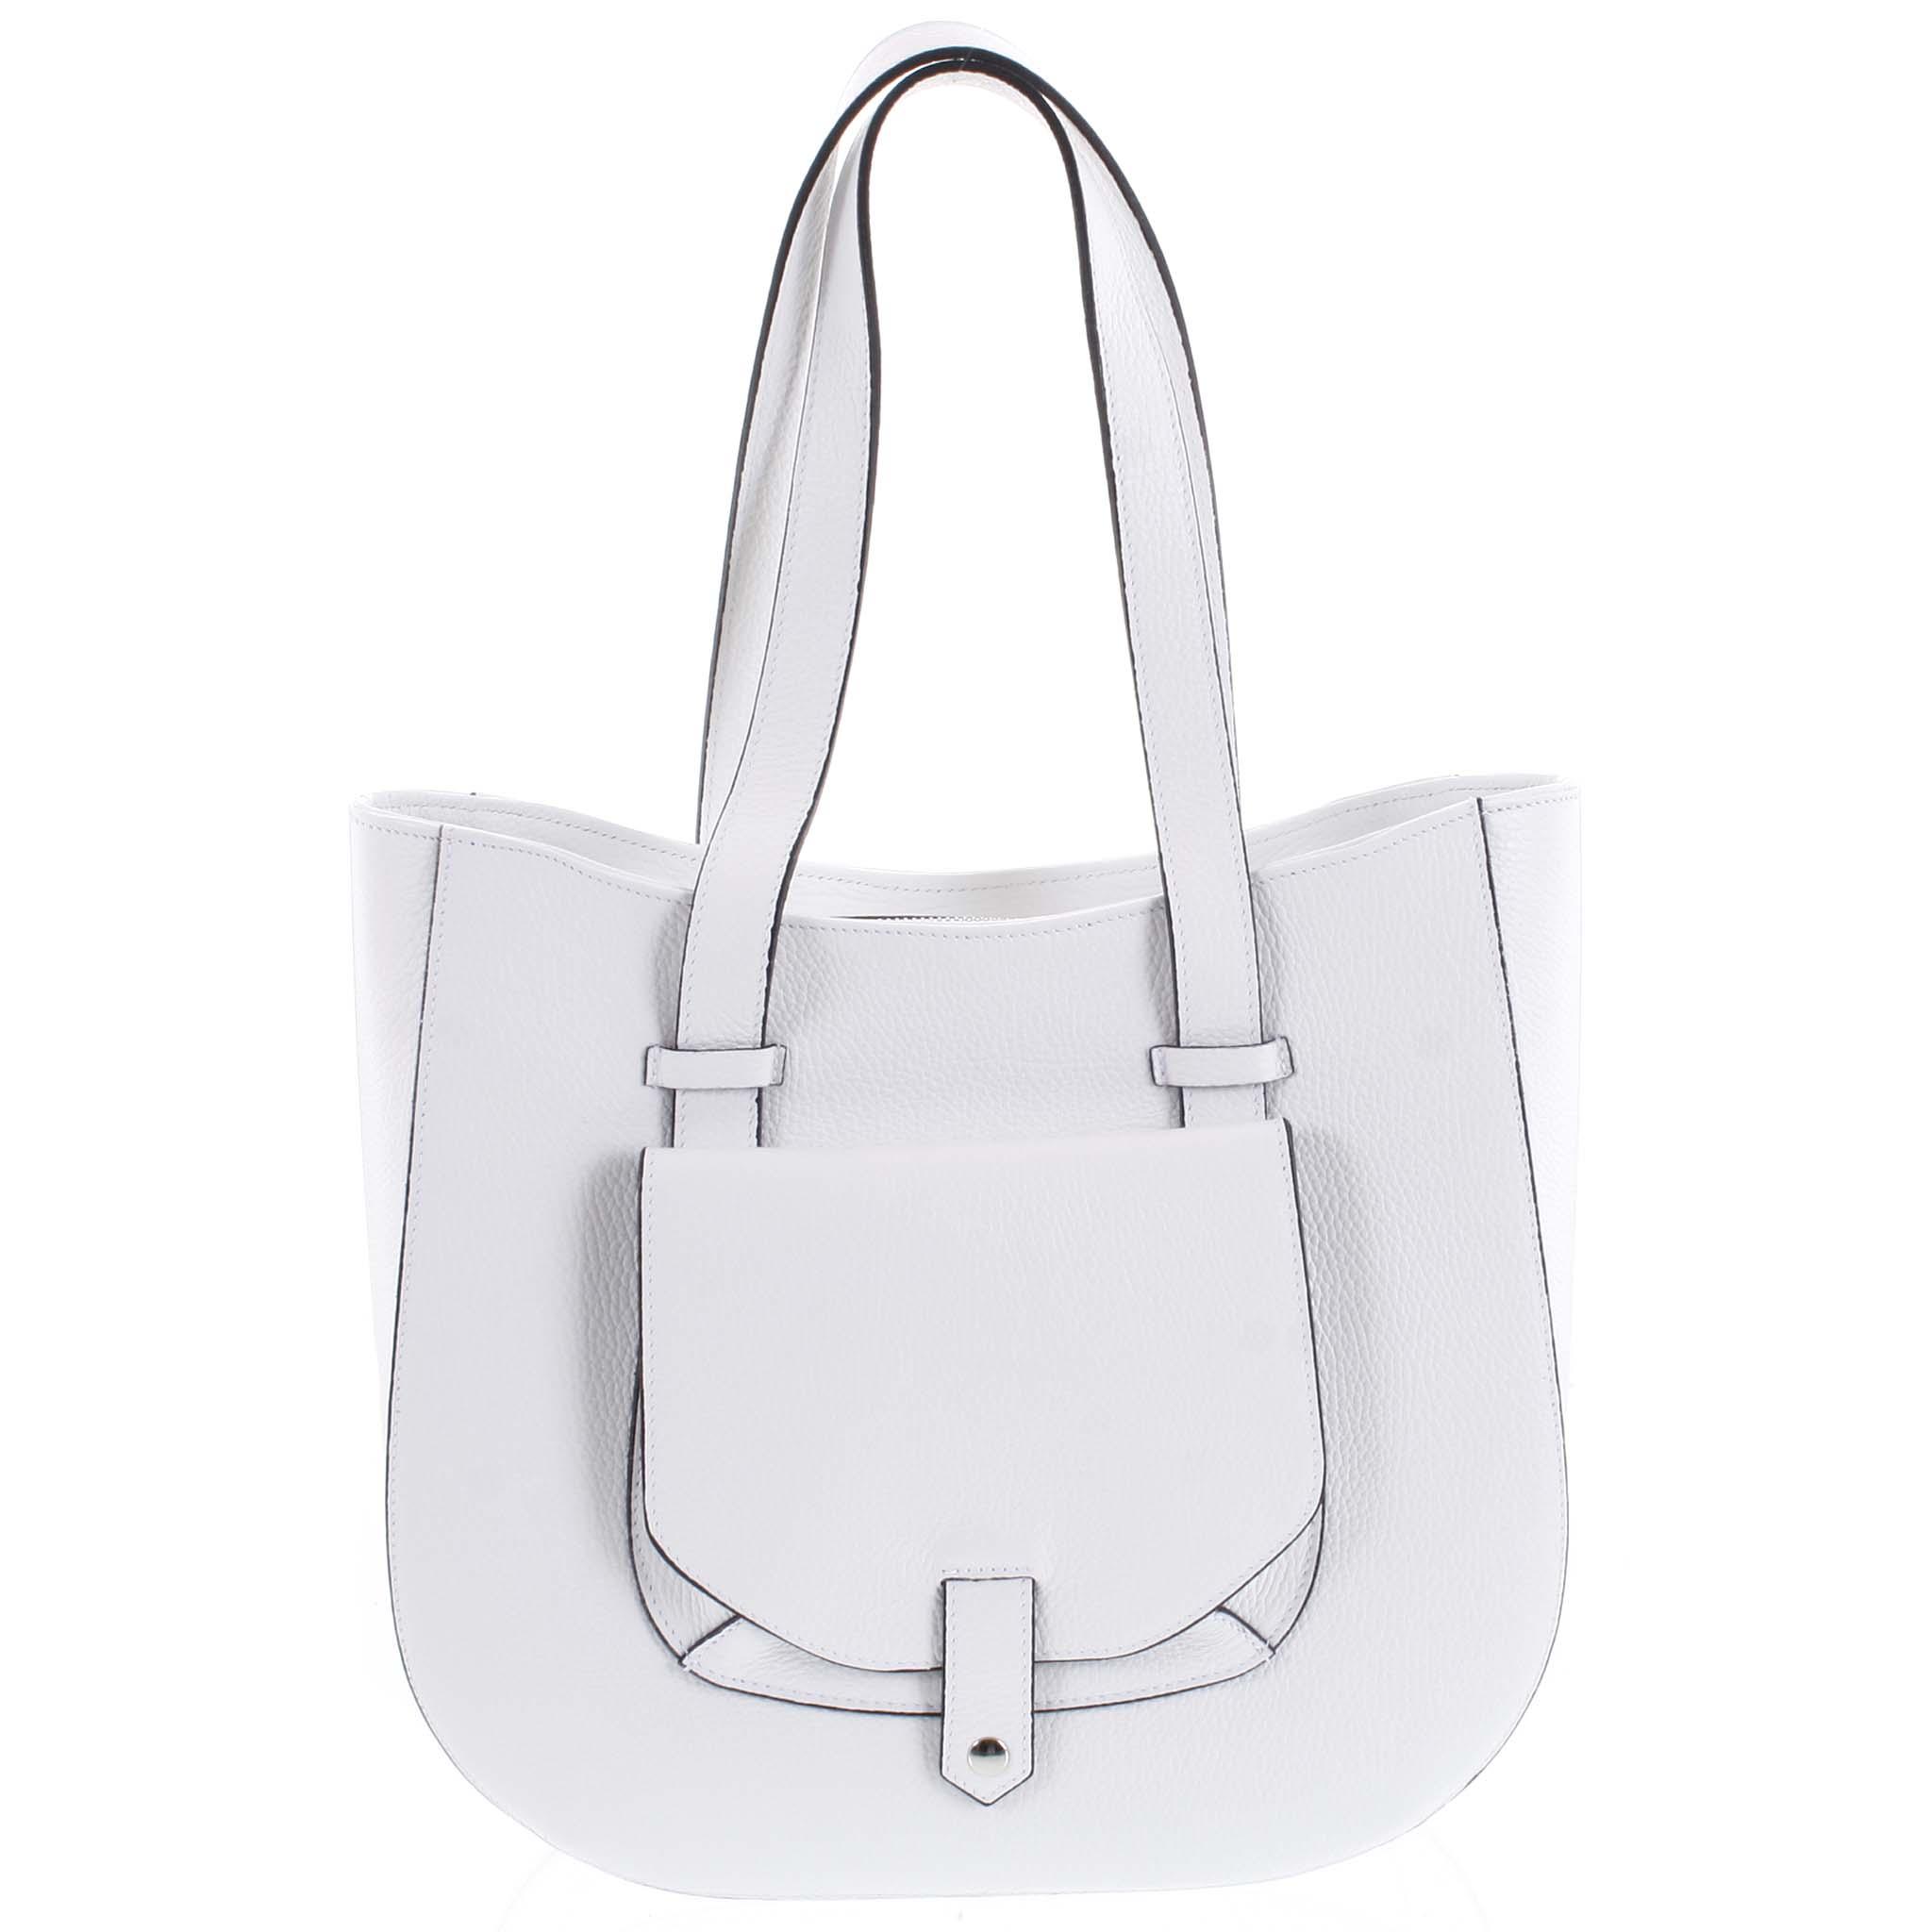 Dámská kožená kabelka přes rameno bílá - ItalY Normani bílá